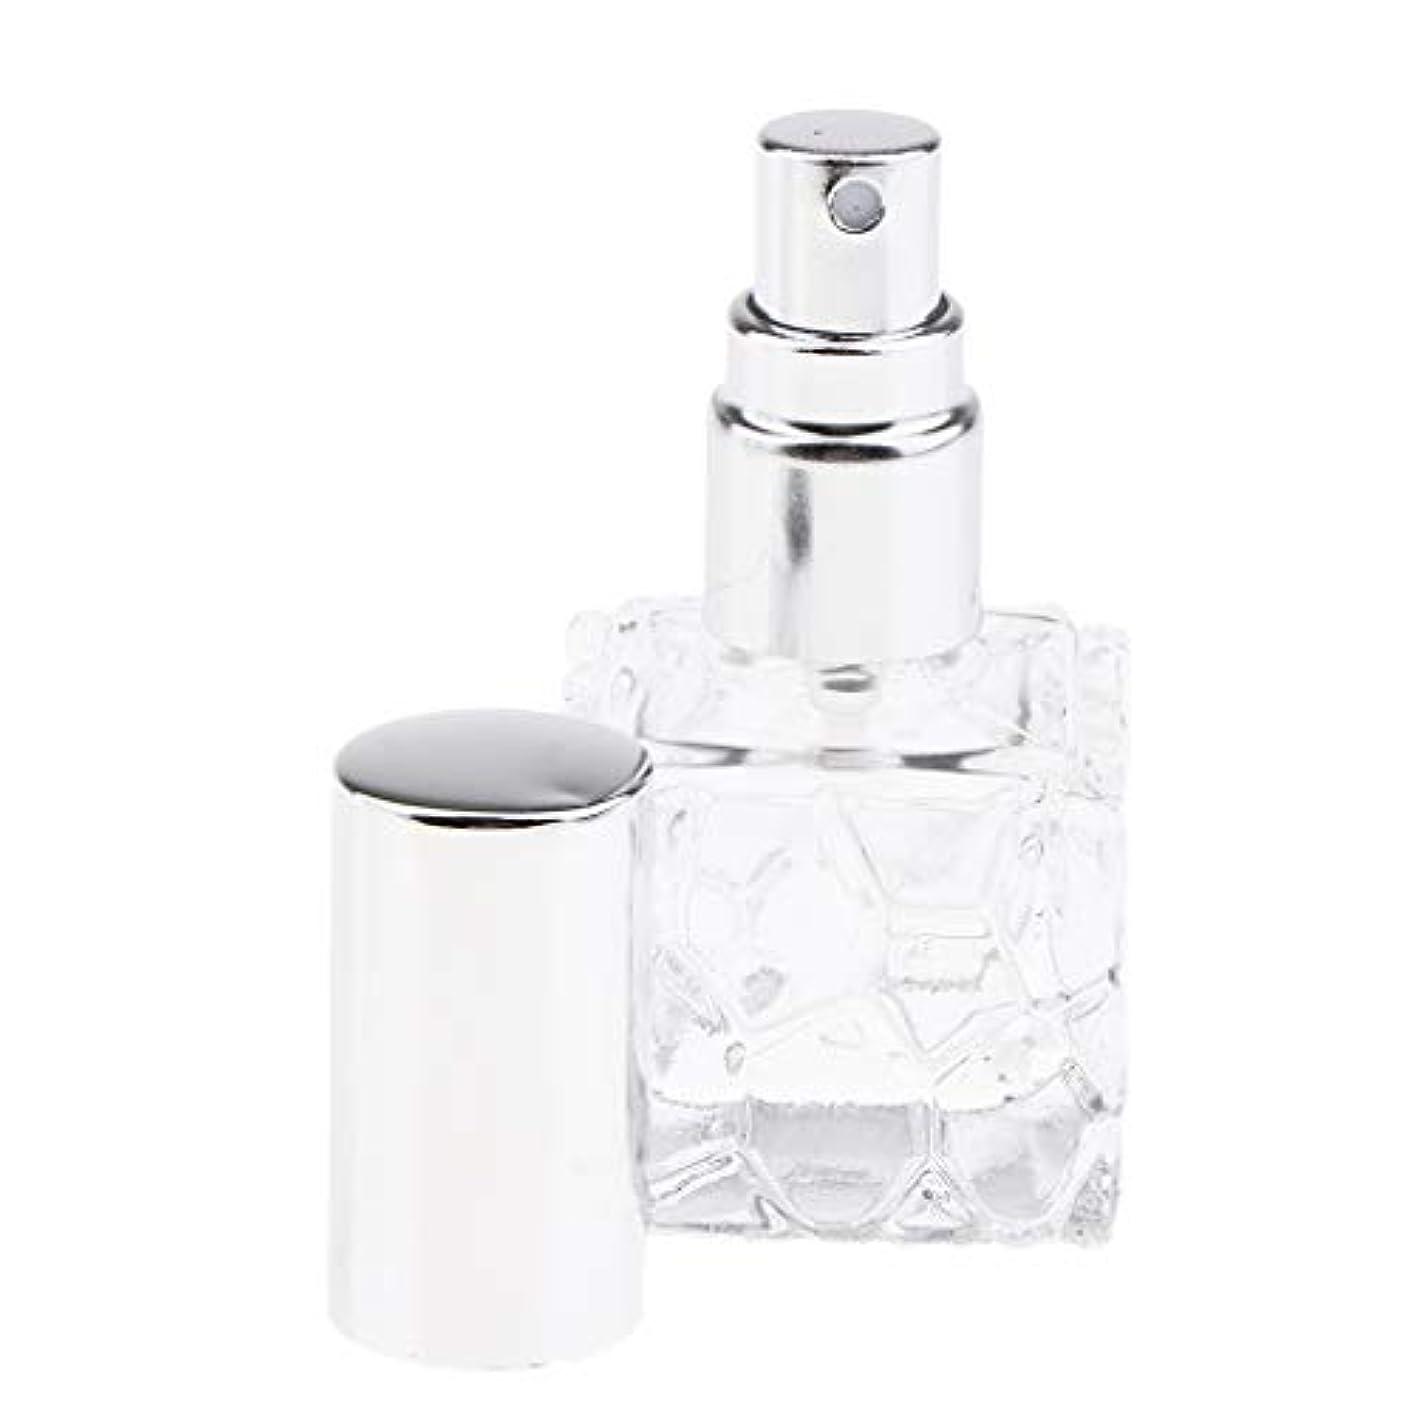 被る他の場所バーストスプレーボトル ガラス 詰め替え式 ファインミストスプレー アロマ保存 香水 保存 2種選択でき - 10ml 3個